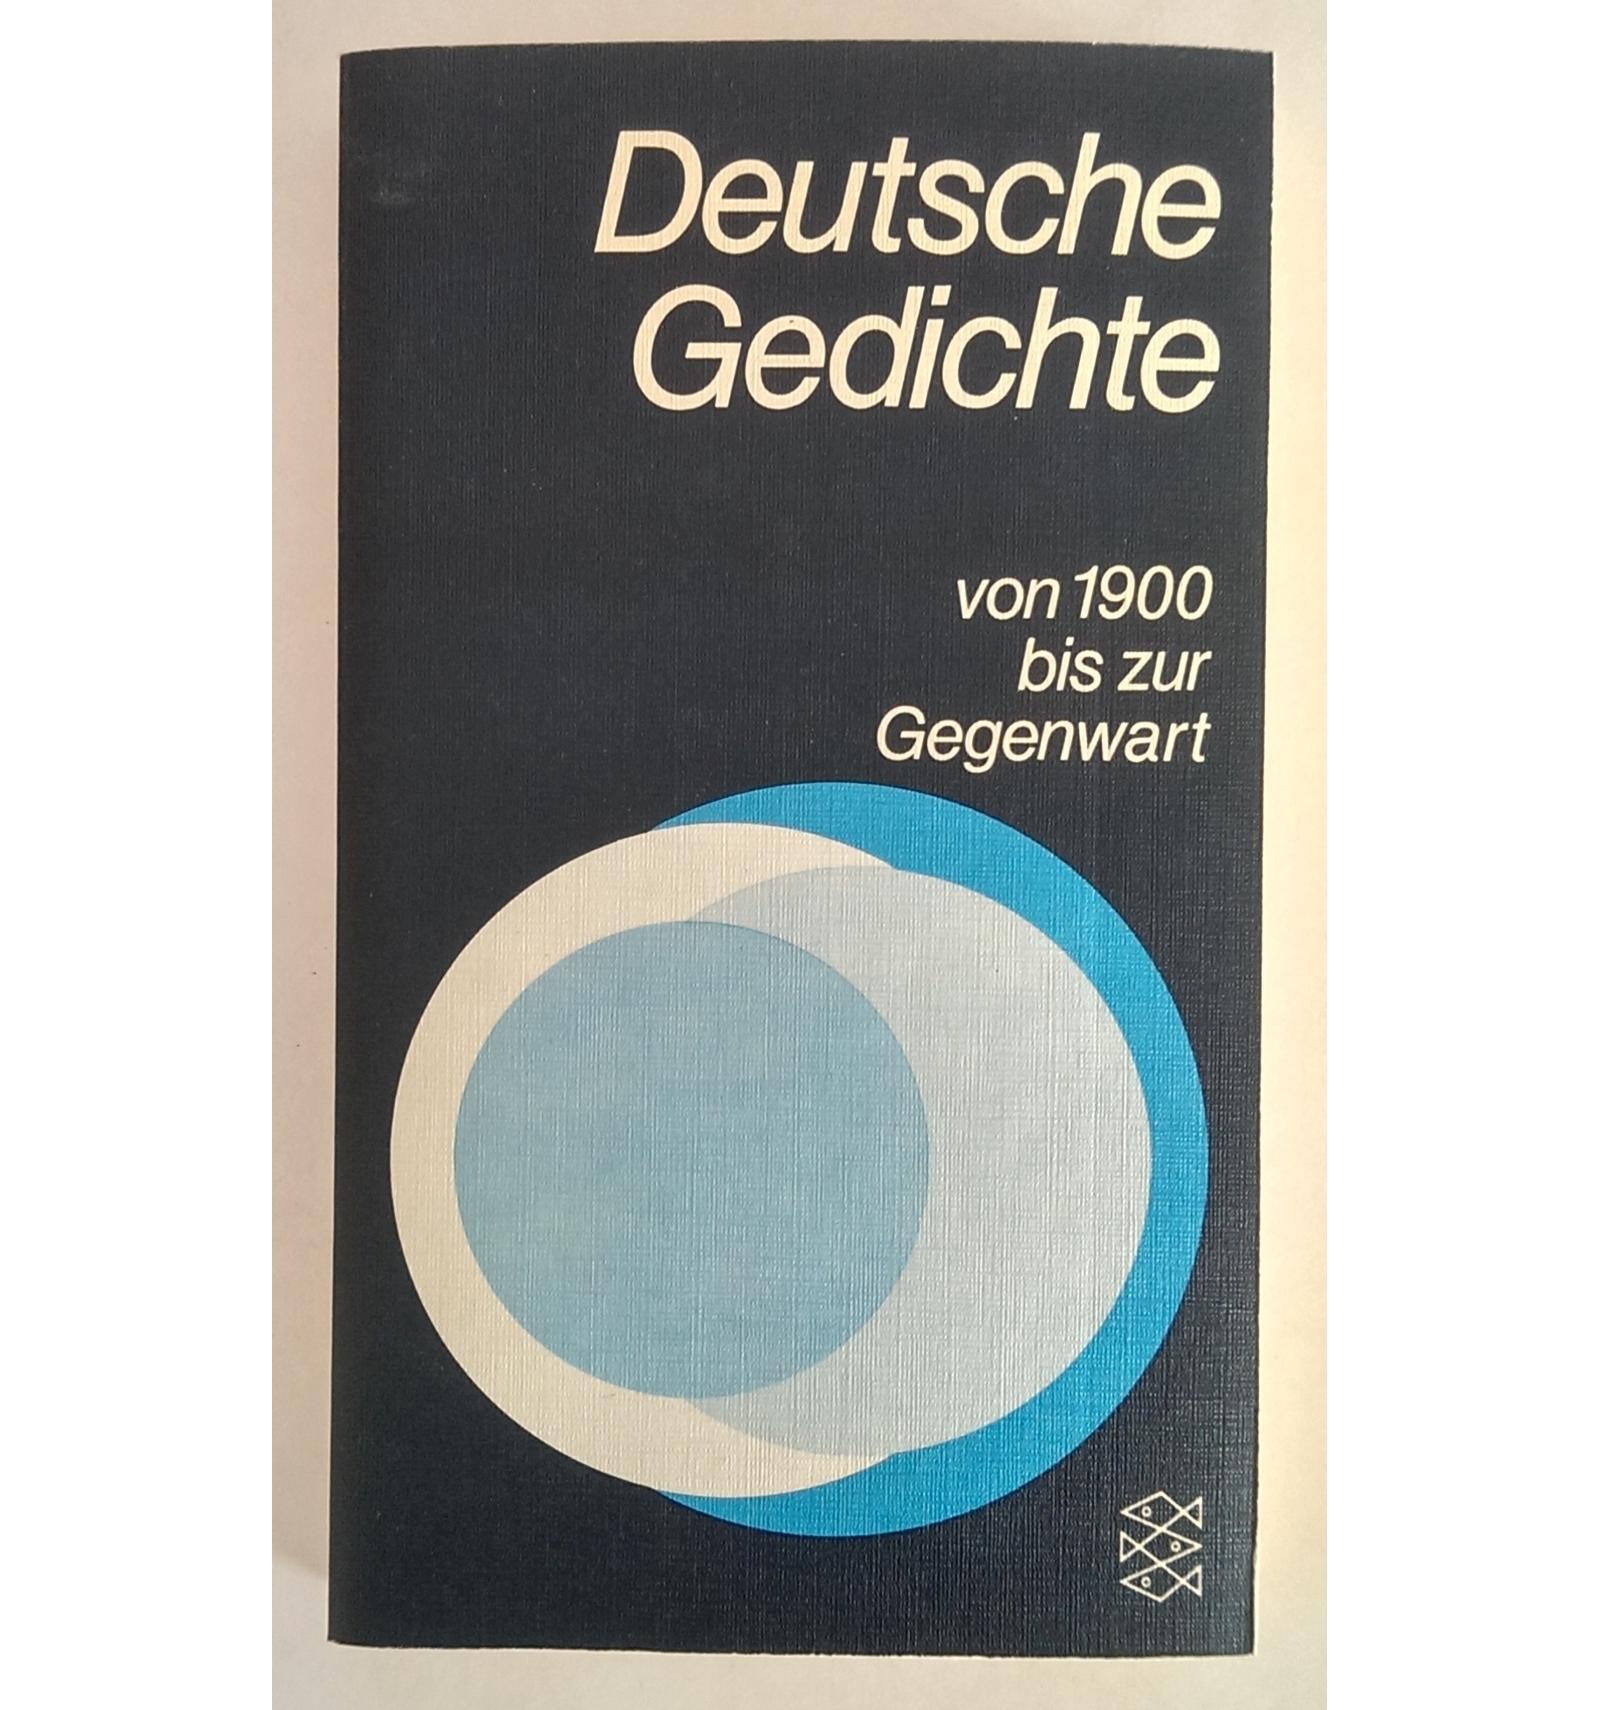 Pratz Fritz Hrsg Deutsche Gedichte Von 1900 Bis Zur Gegenwart